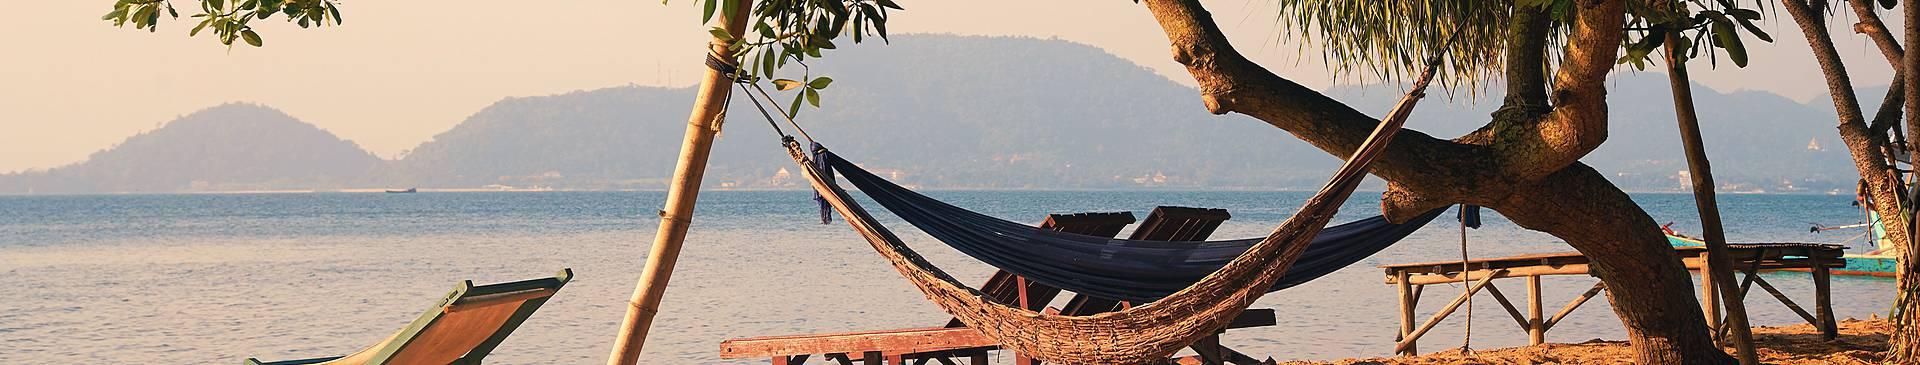 Viaggi nelle isole della Cambogia